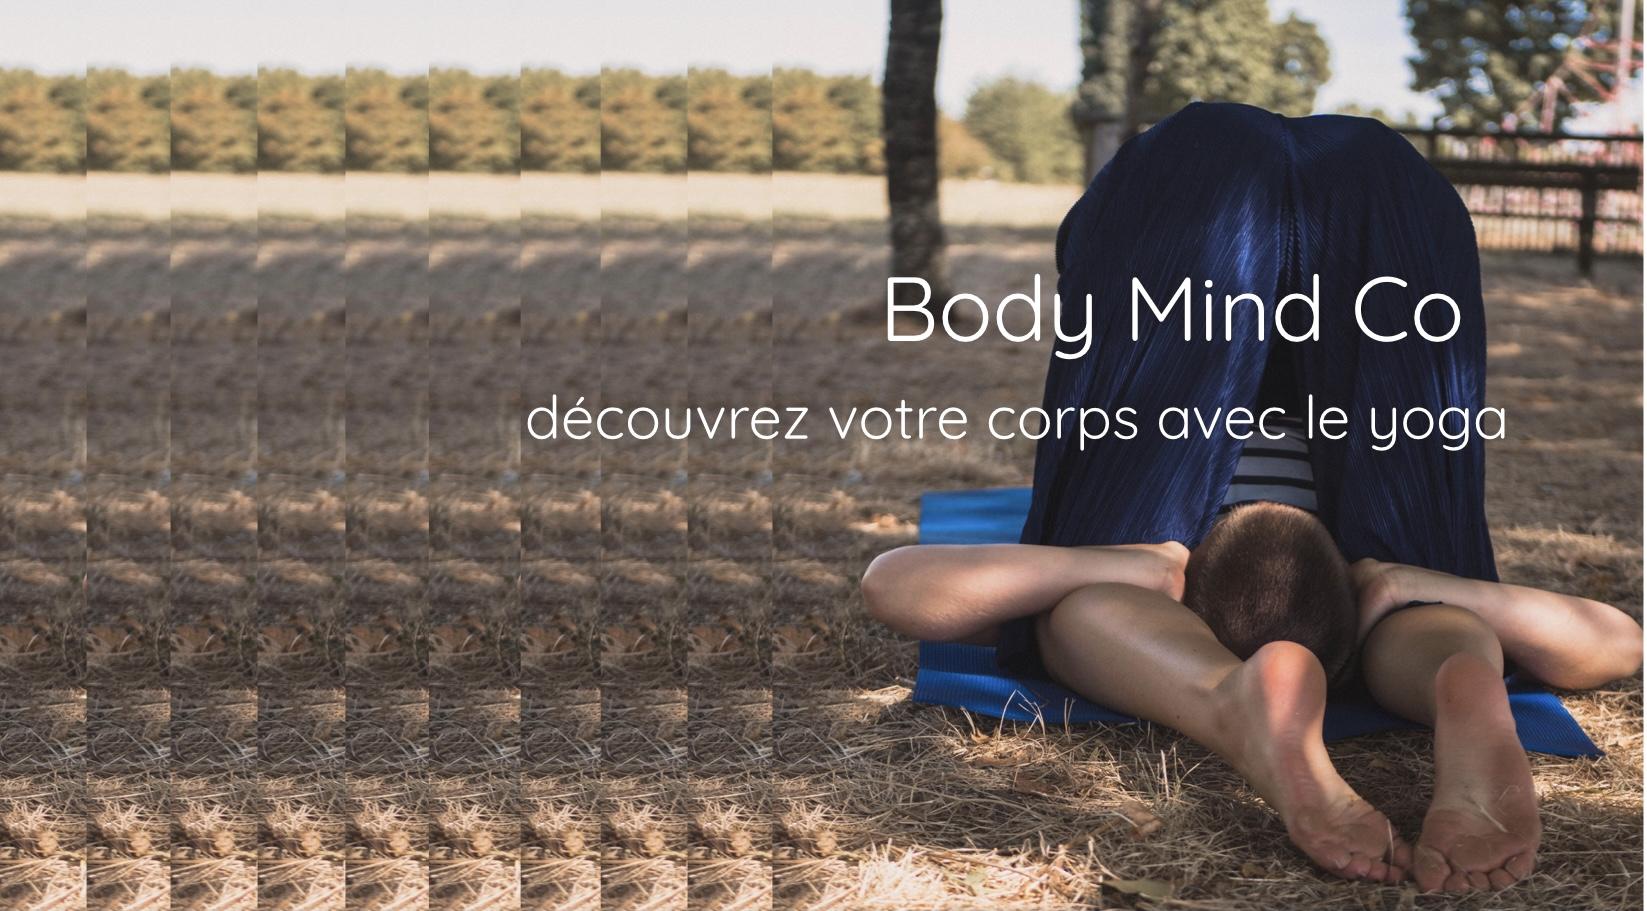 body mind co votre yoga